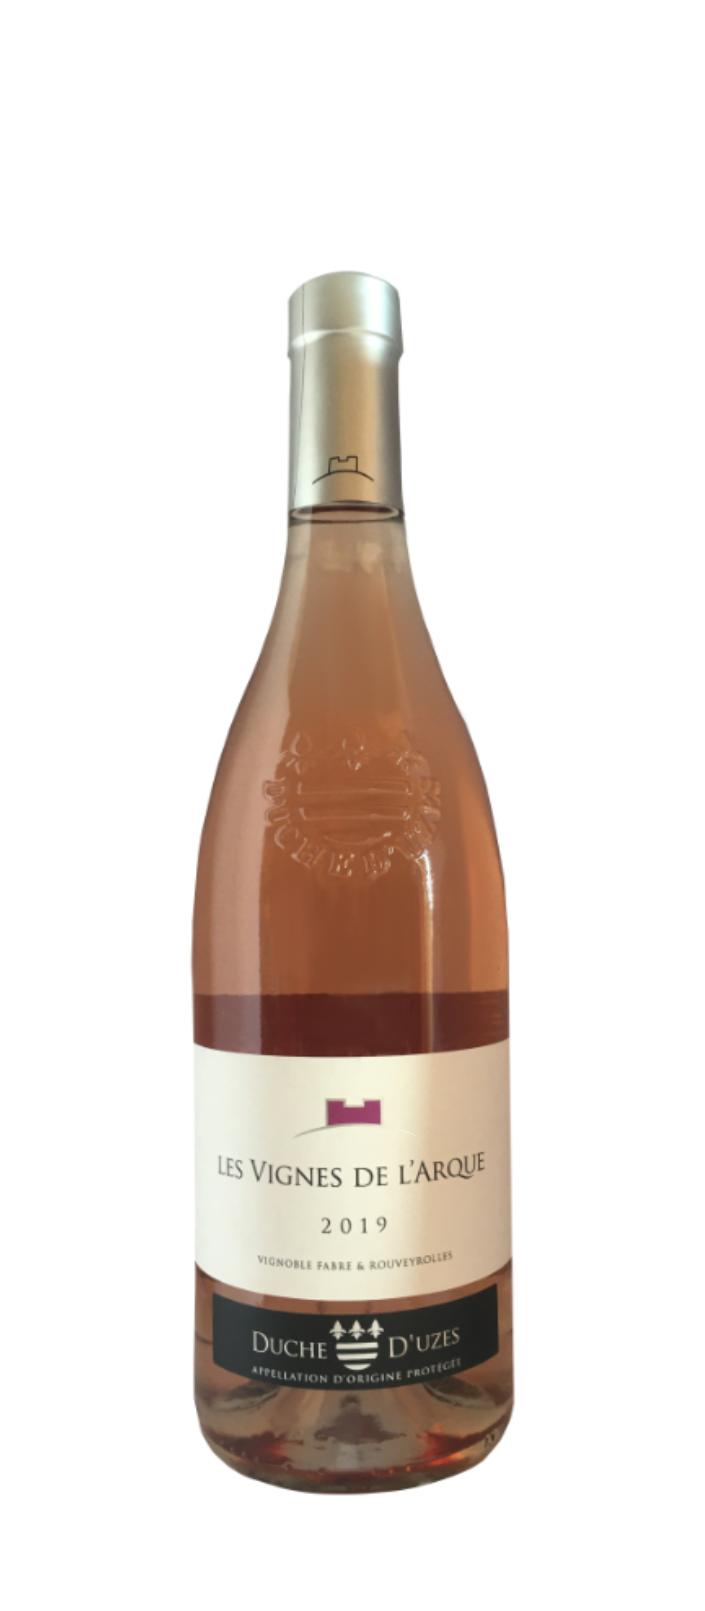 Duché d'Uzès - Rosé Duché d'Uzès (Syrah, Grenache) - 2019 - ROSE